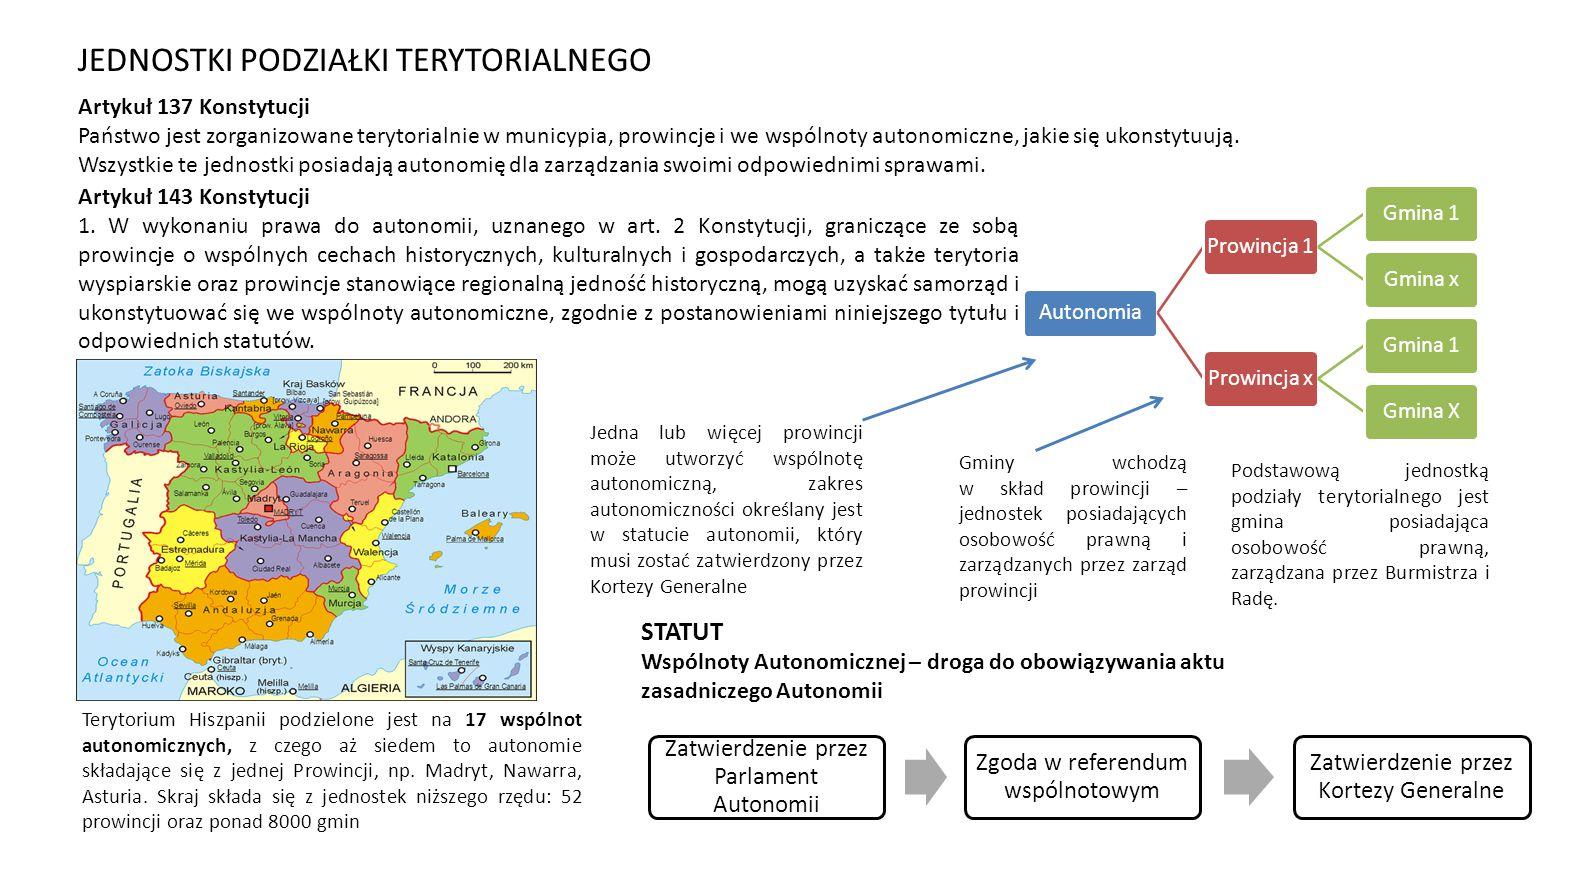 Autonomia Prowincja 1Gmina 1Gmina xProwincja xGmina 1Gmina X Podstawową jednostką podziały terytorialnego jest gmina posiadająca osobowość prawną, zarządzana przez Burmistrza i Radę.